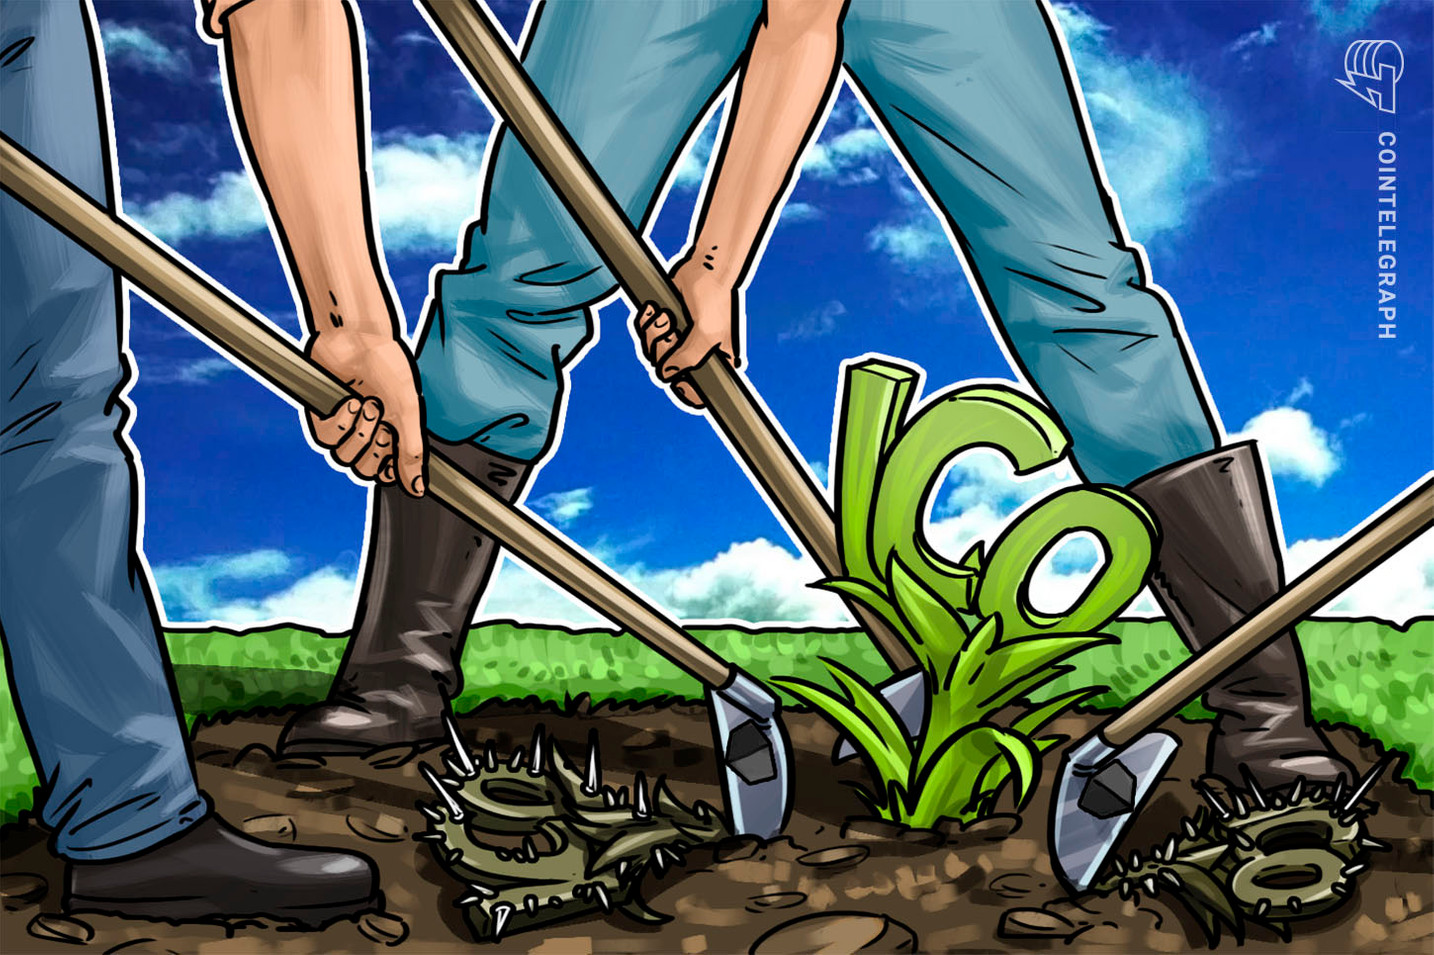 El lobista Jack Abramoff se declara culpable de promover ilegalmente la ICO de 'AML Bitcoin'